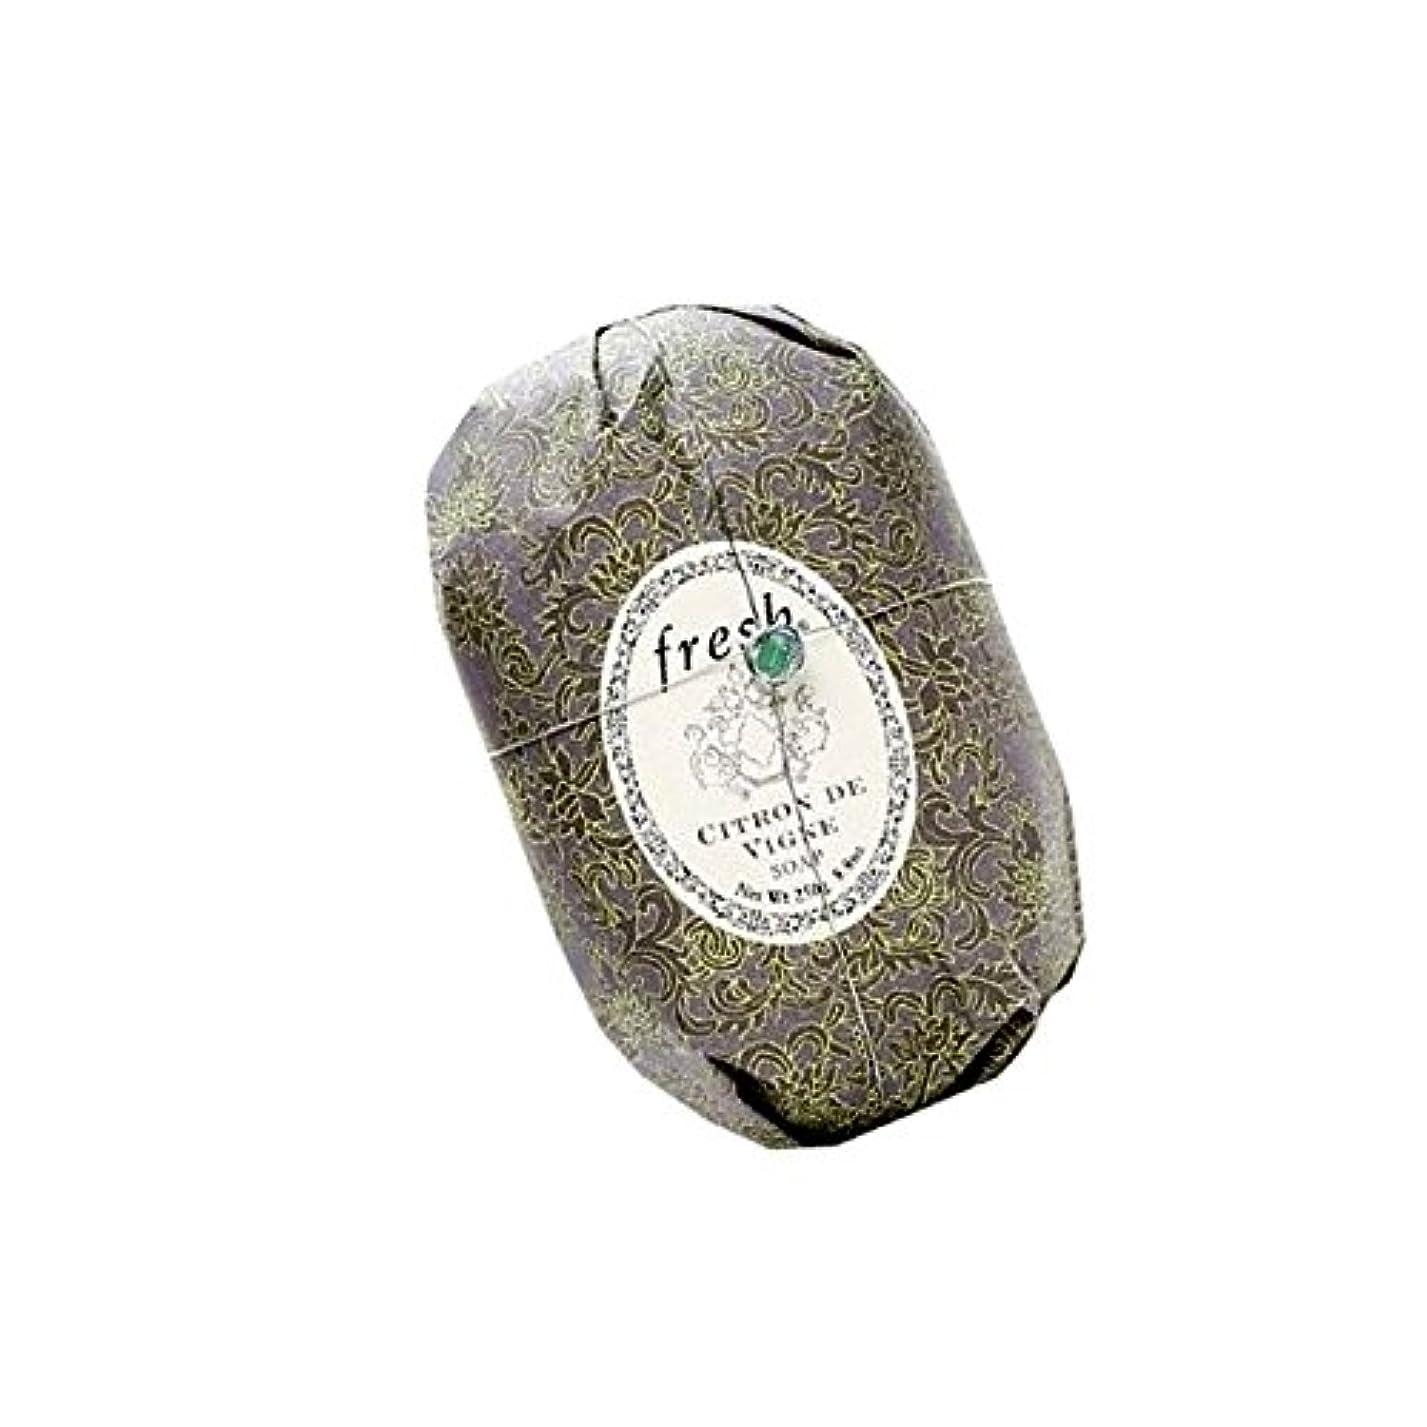 膨張する派手鏡Fresh フレッシュ Citron de Vigne Soap 石鹸, 250g/8.8oz. [海外直送品] [並行輸入品]